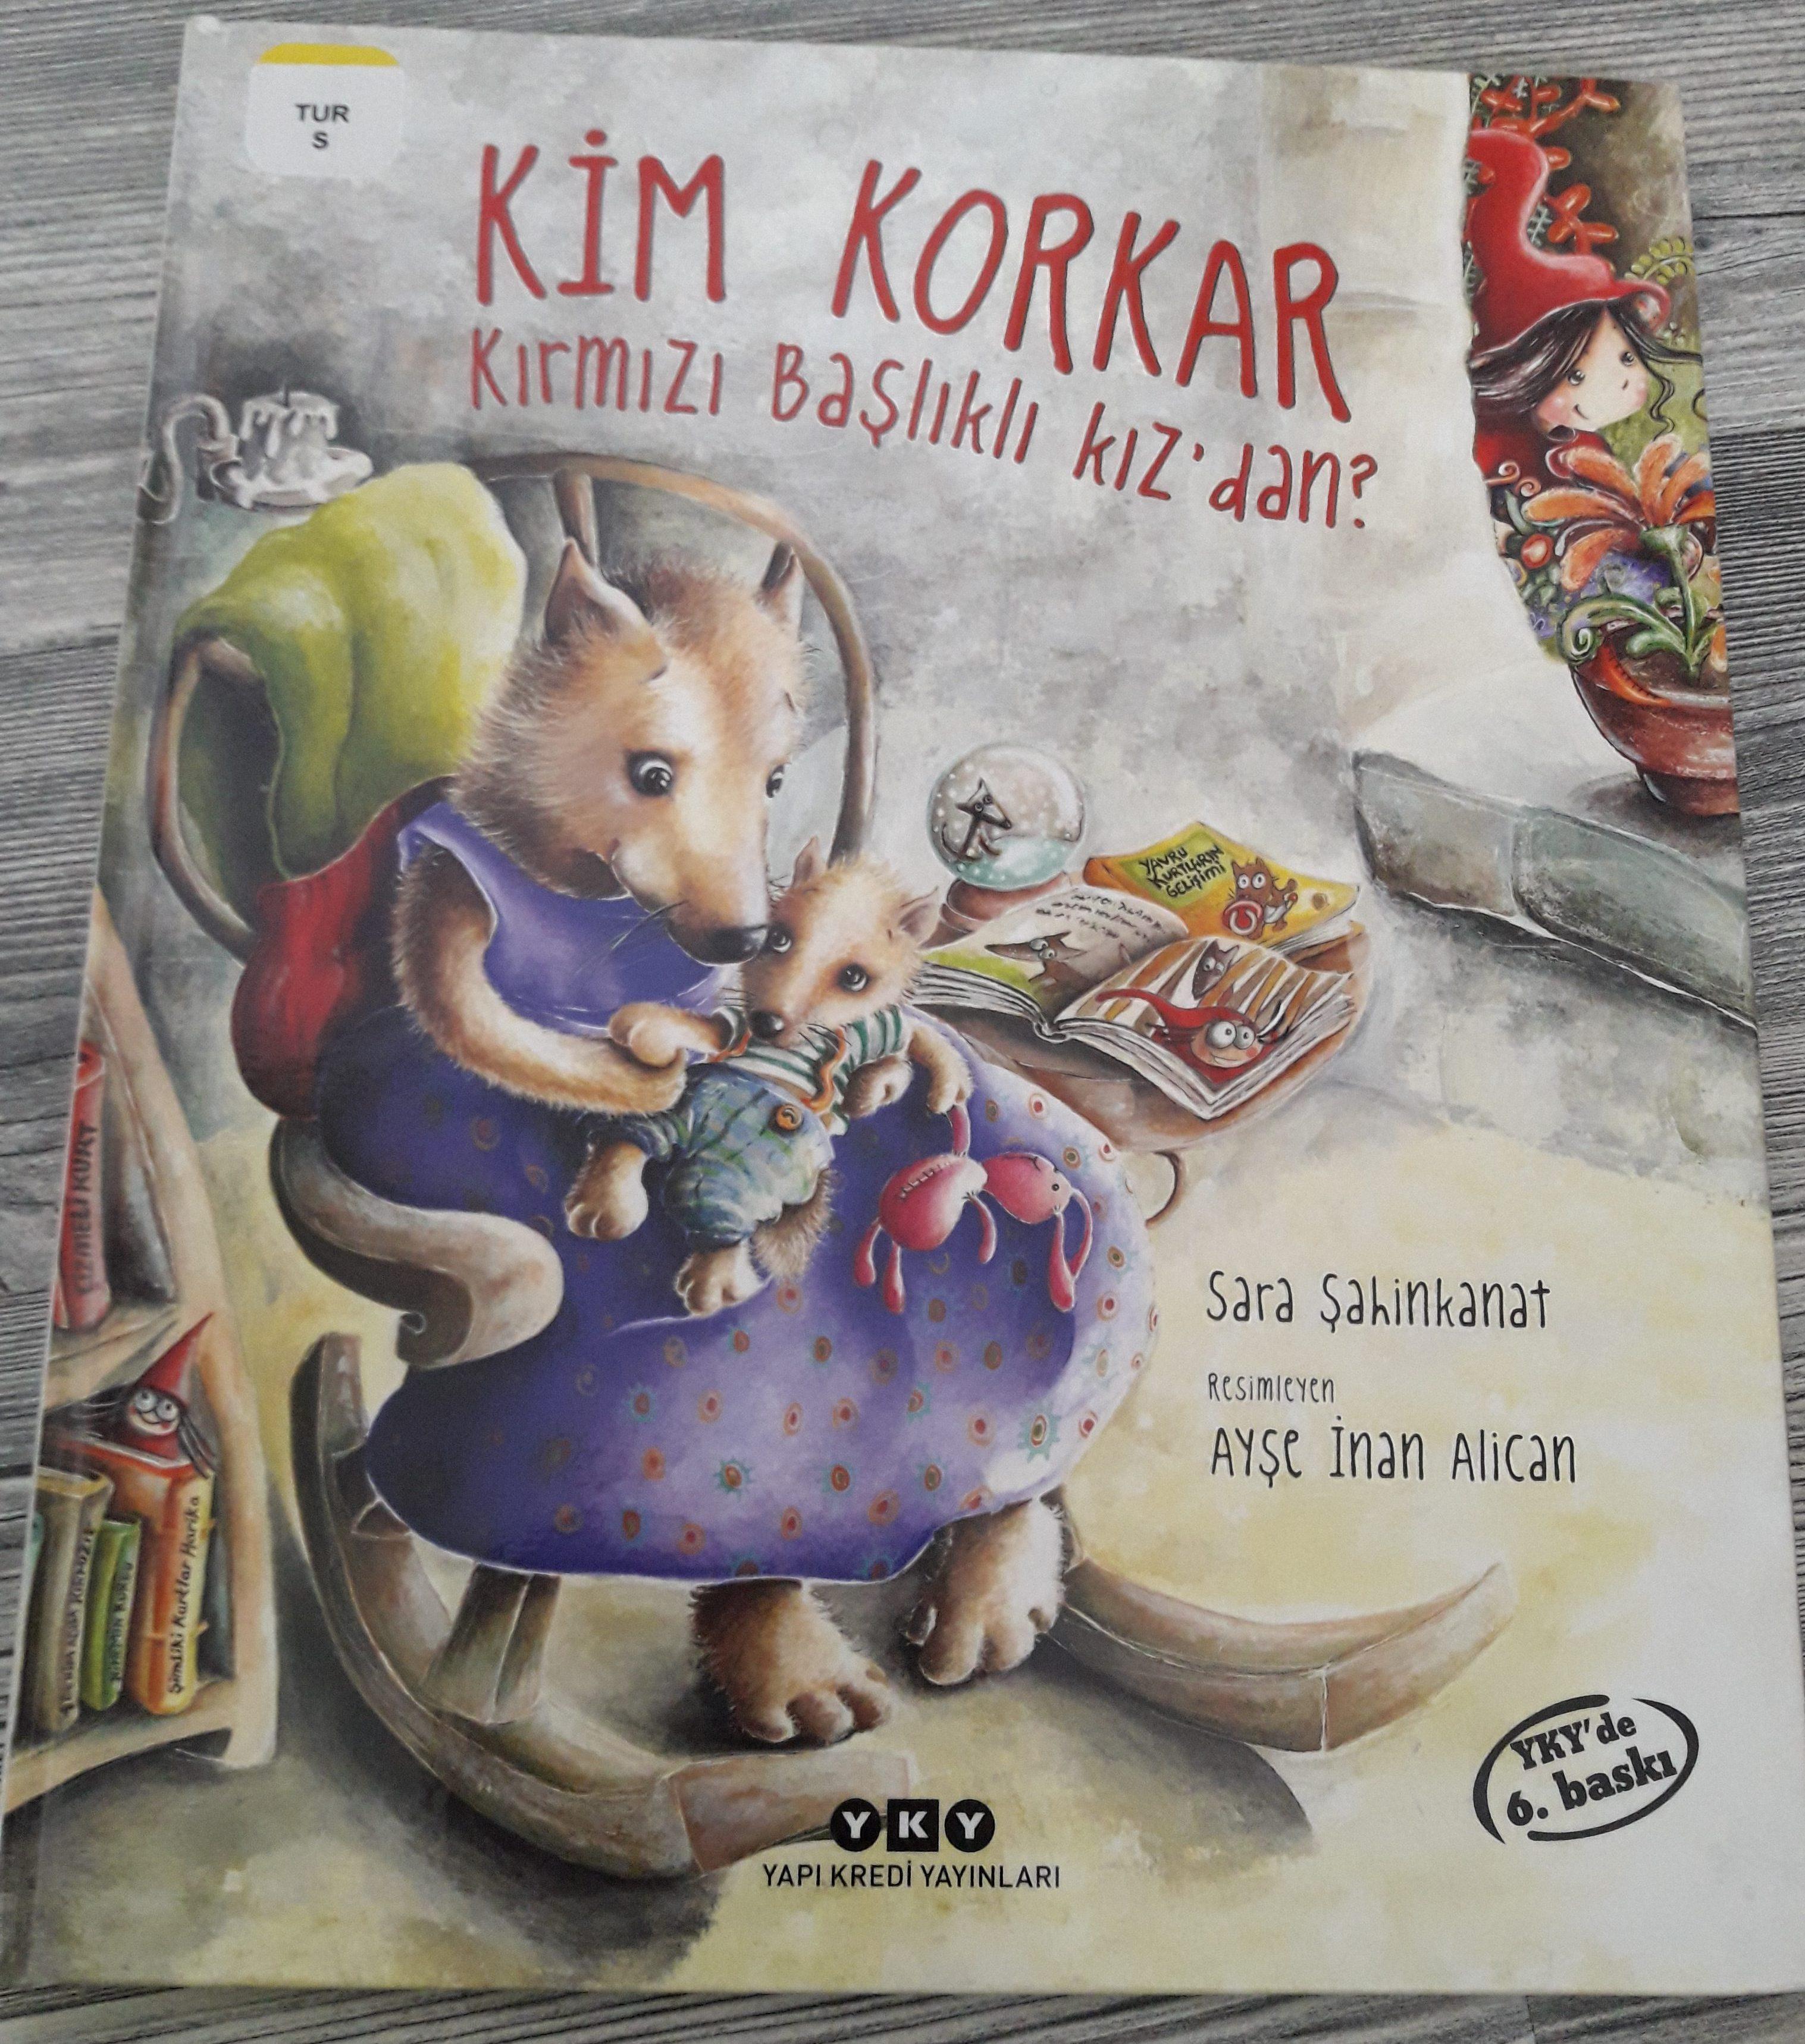 Livre enfant: Kim Korkar Kırmızı Başlıklı Kızdan? - Qui aurait peur du petit chaperon rouge?les loups et les hommes, stéréotypes, société, le petit chaperon rouge, végétarisme